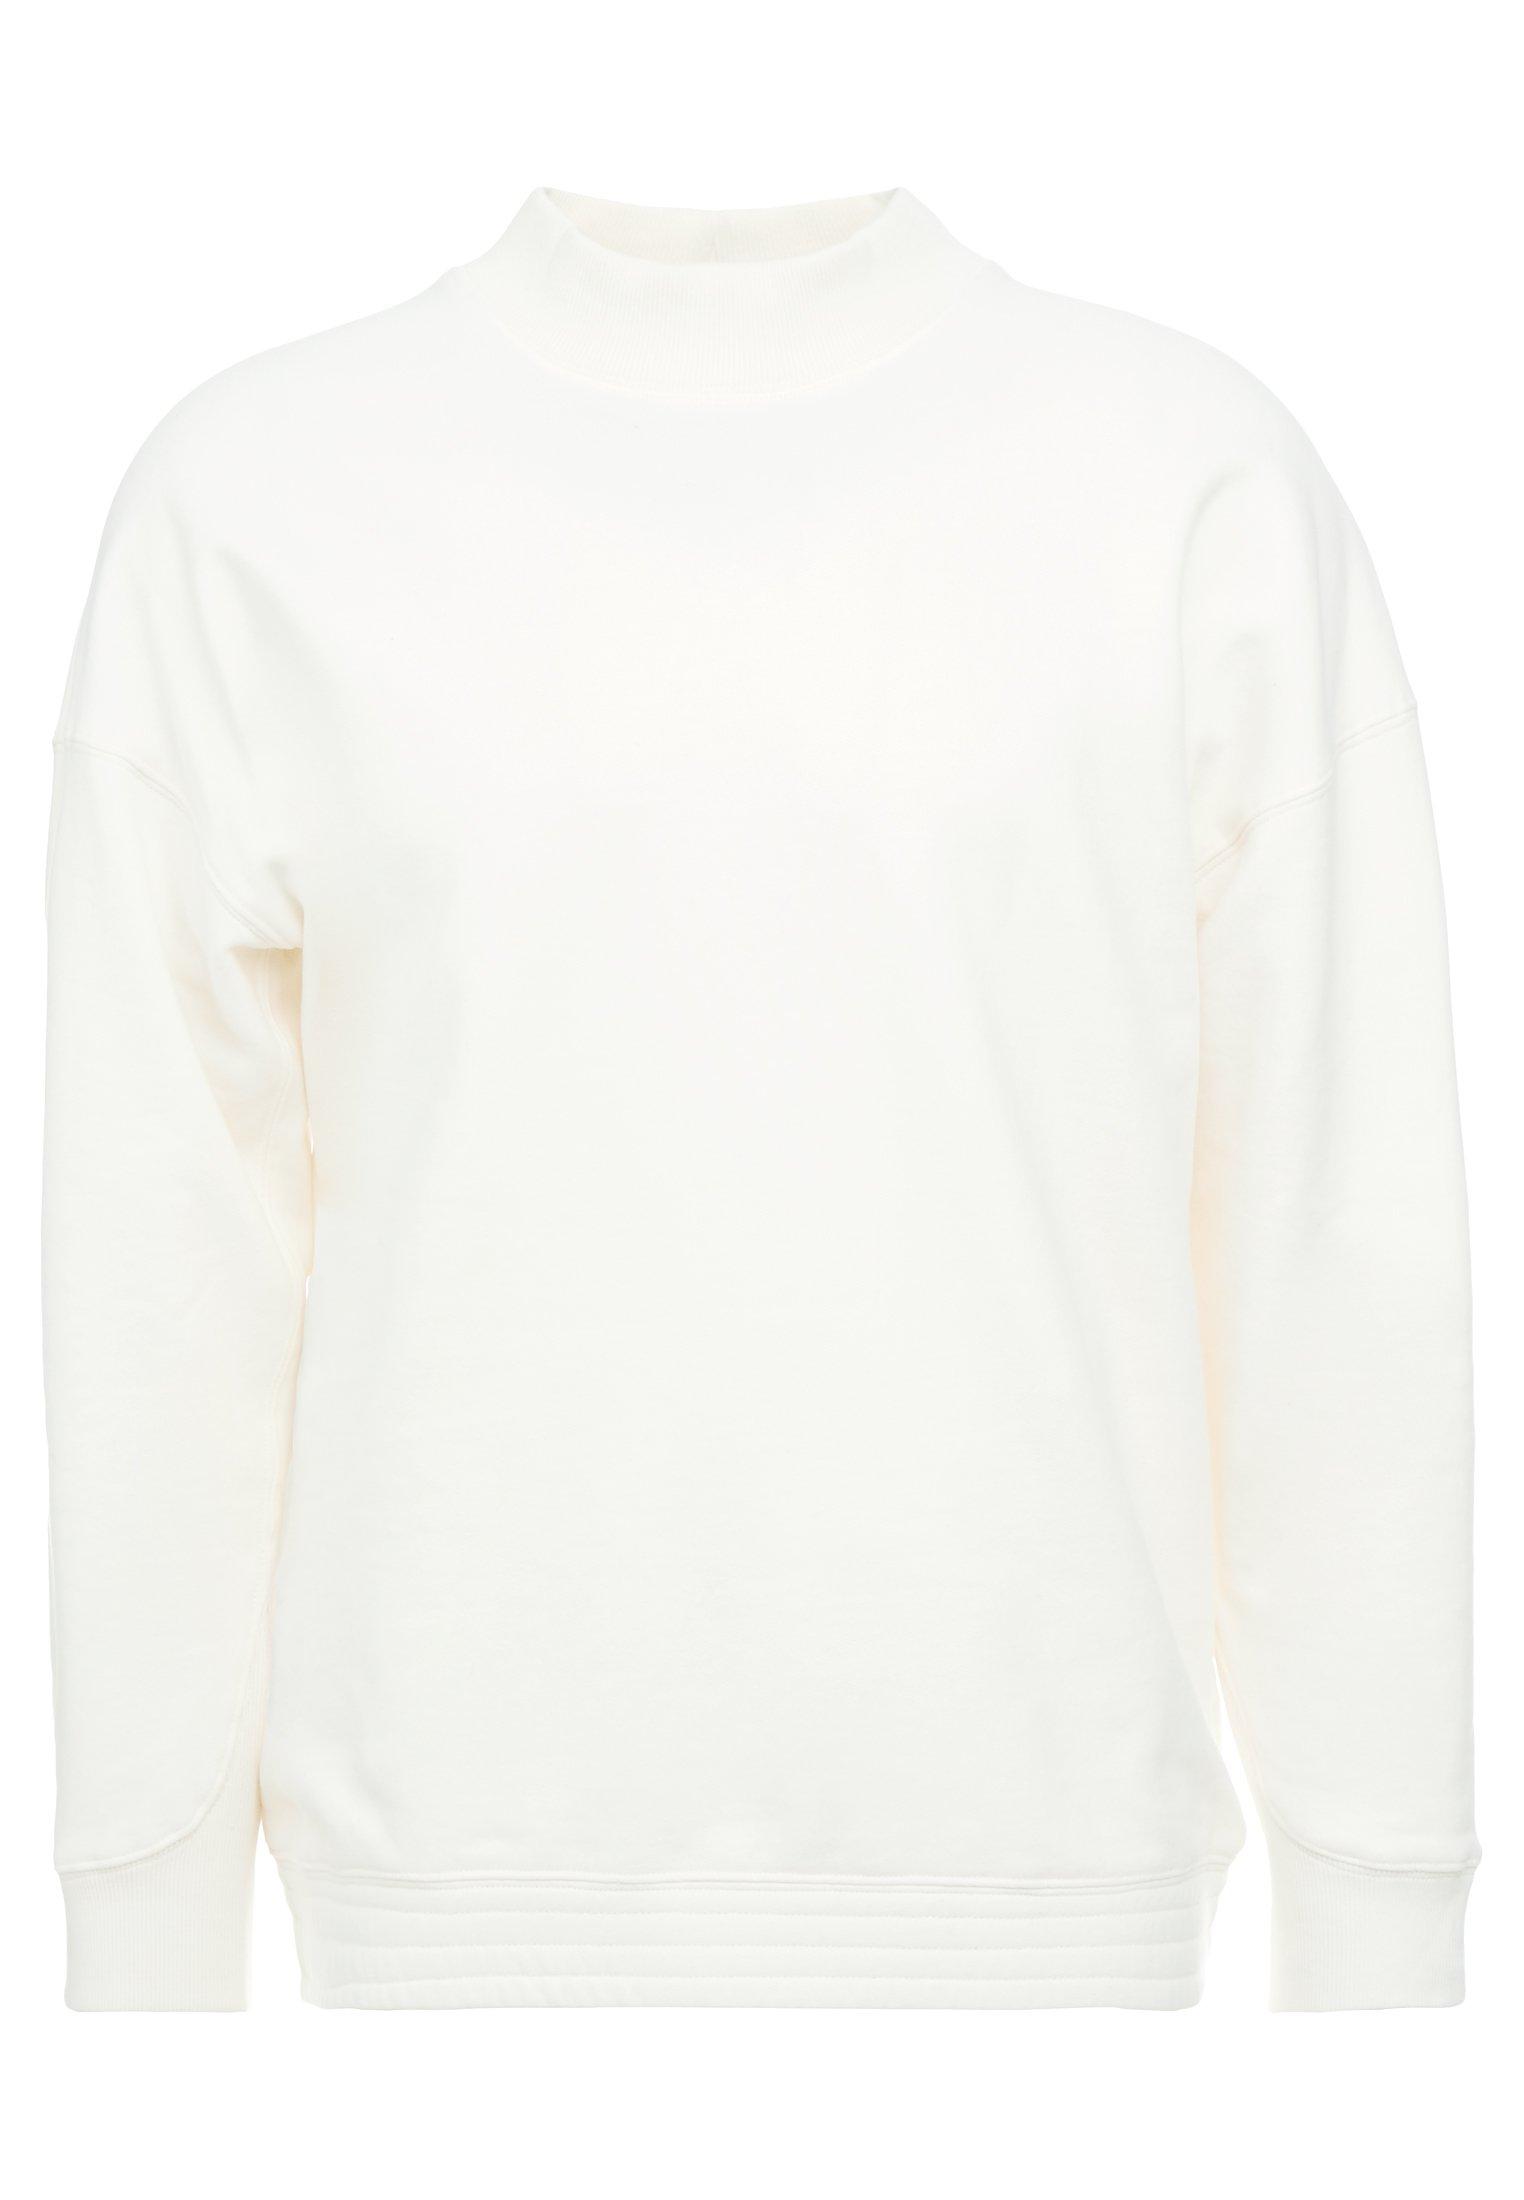 DRYKORN Sweatshirt mit Stehkragen Modell 'Benjen' in Weiß